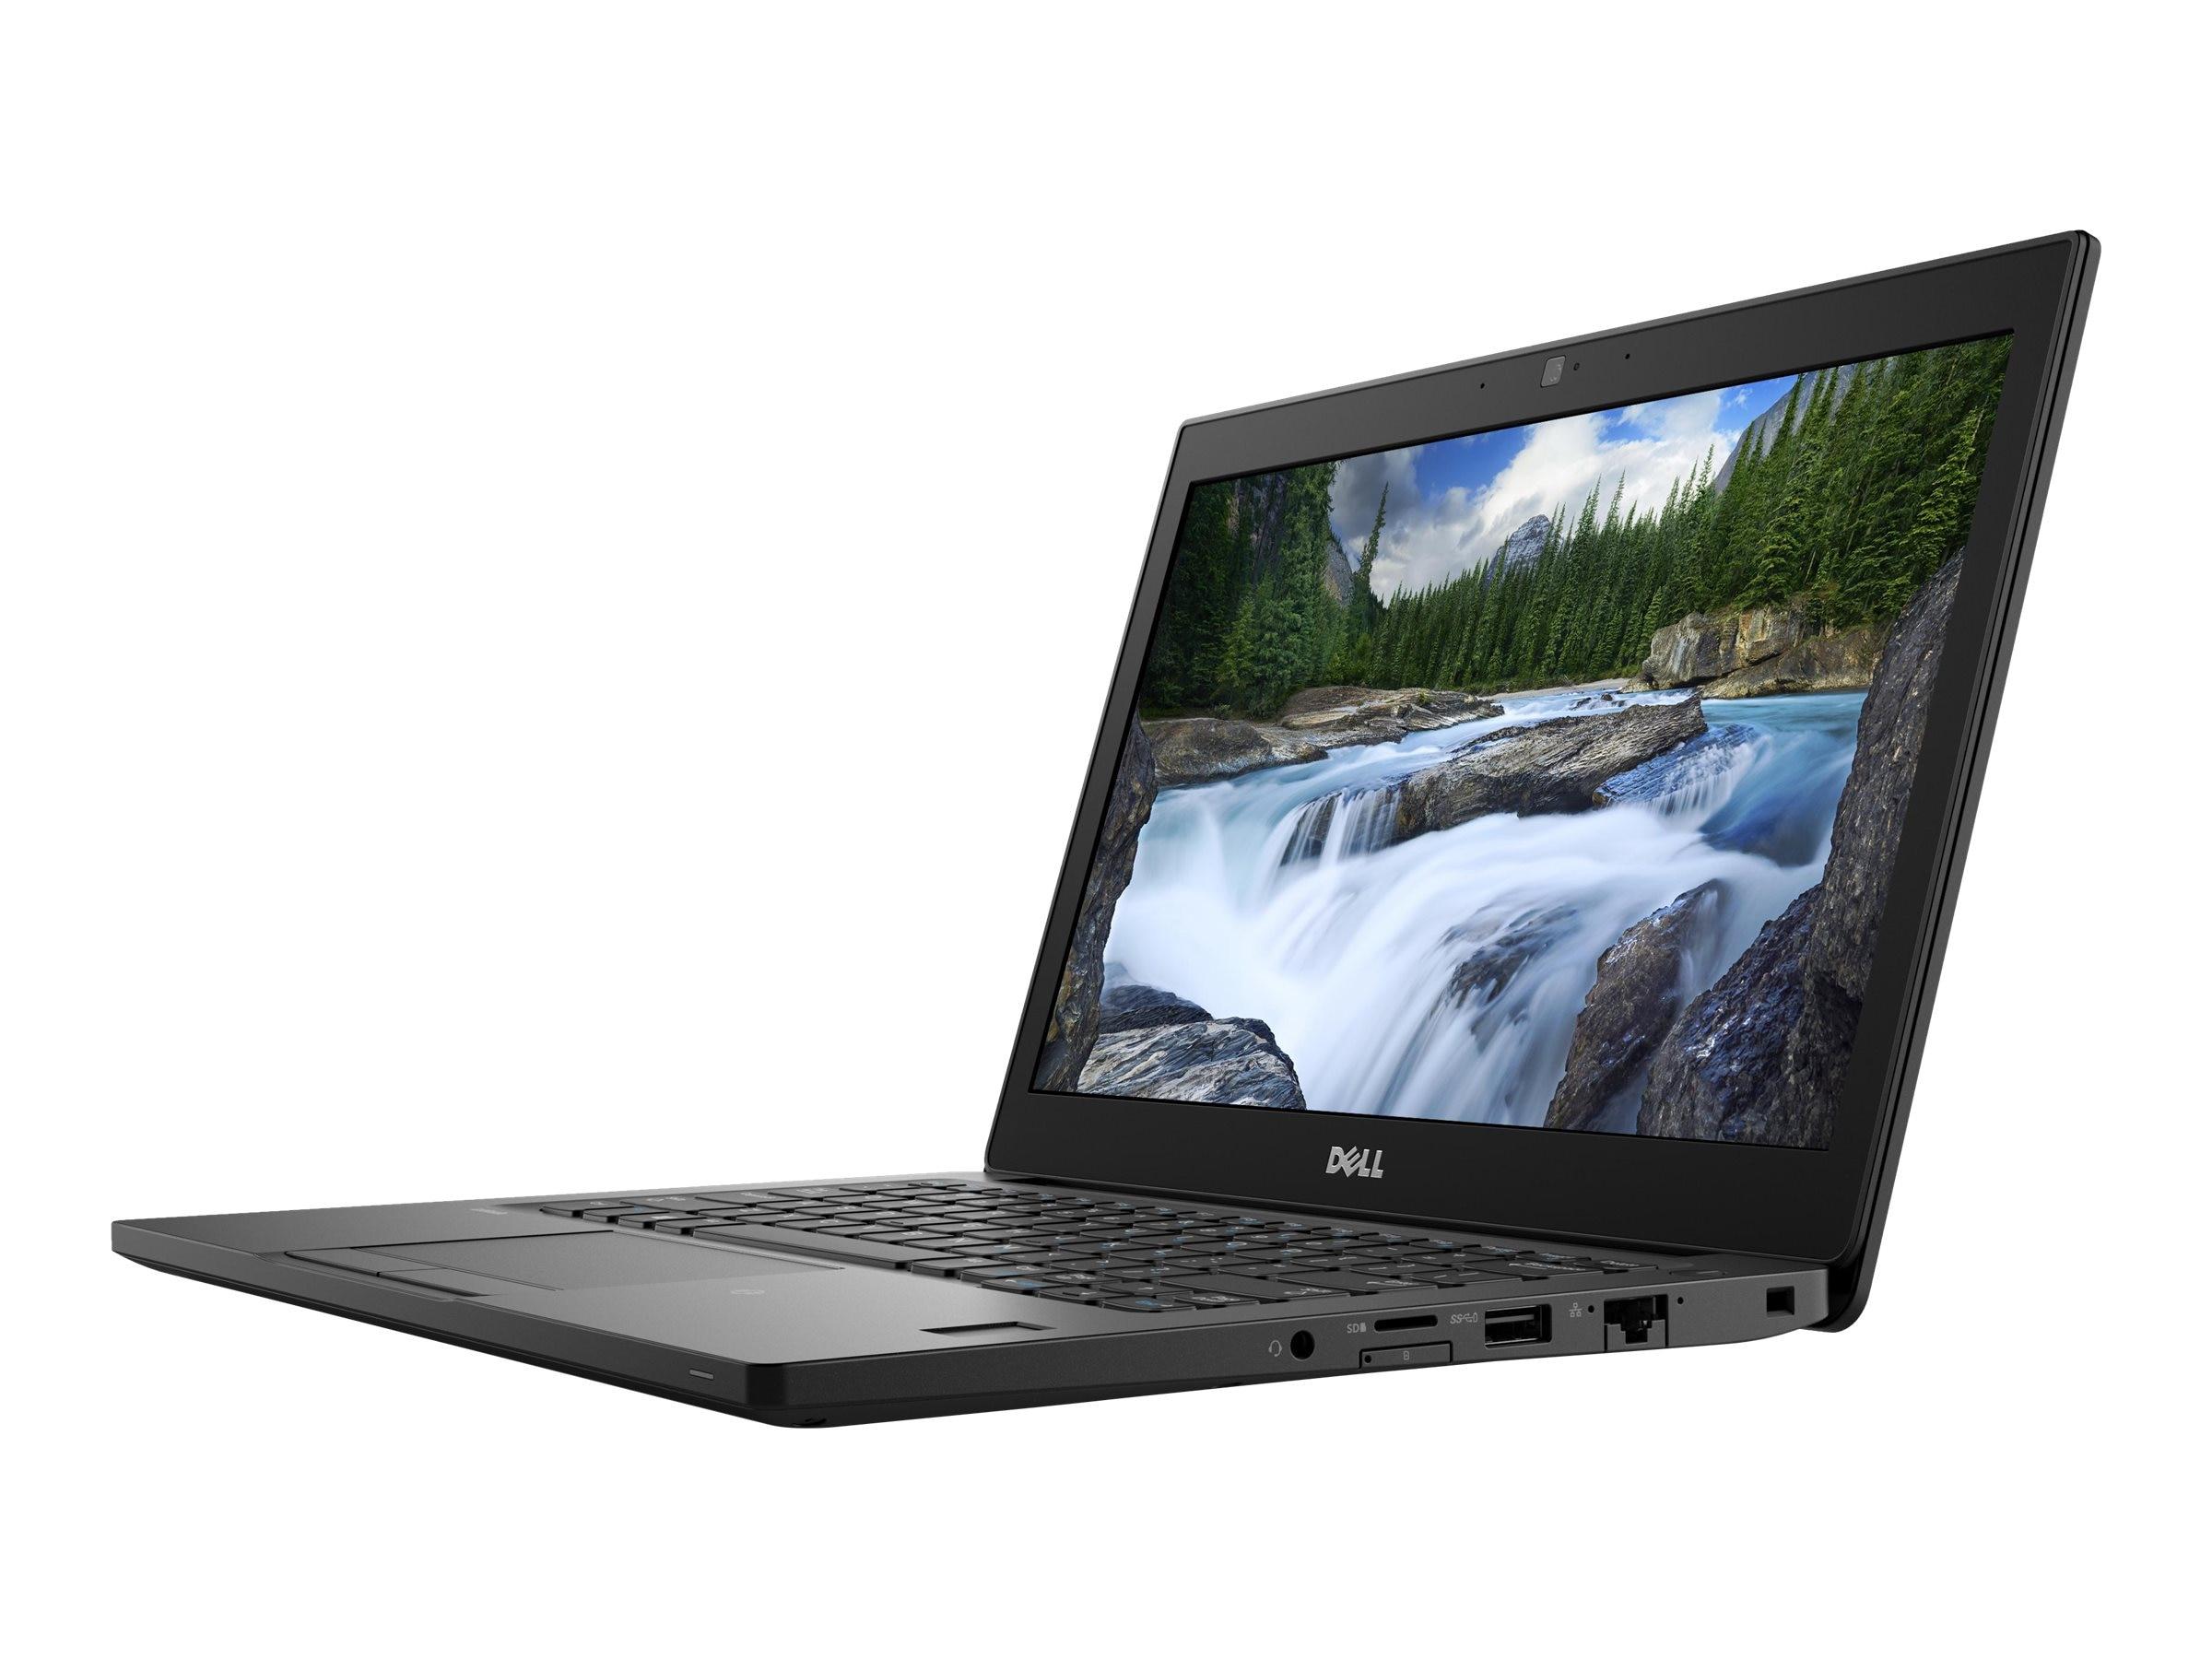 Dell Latitude 7290 Core i7-8650U 1 9GHz 8GB 256GB SSD ac BT FR WC 4C 12 5